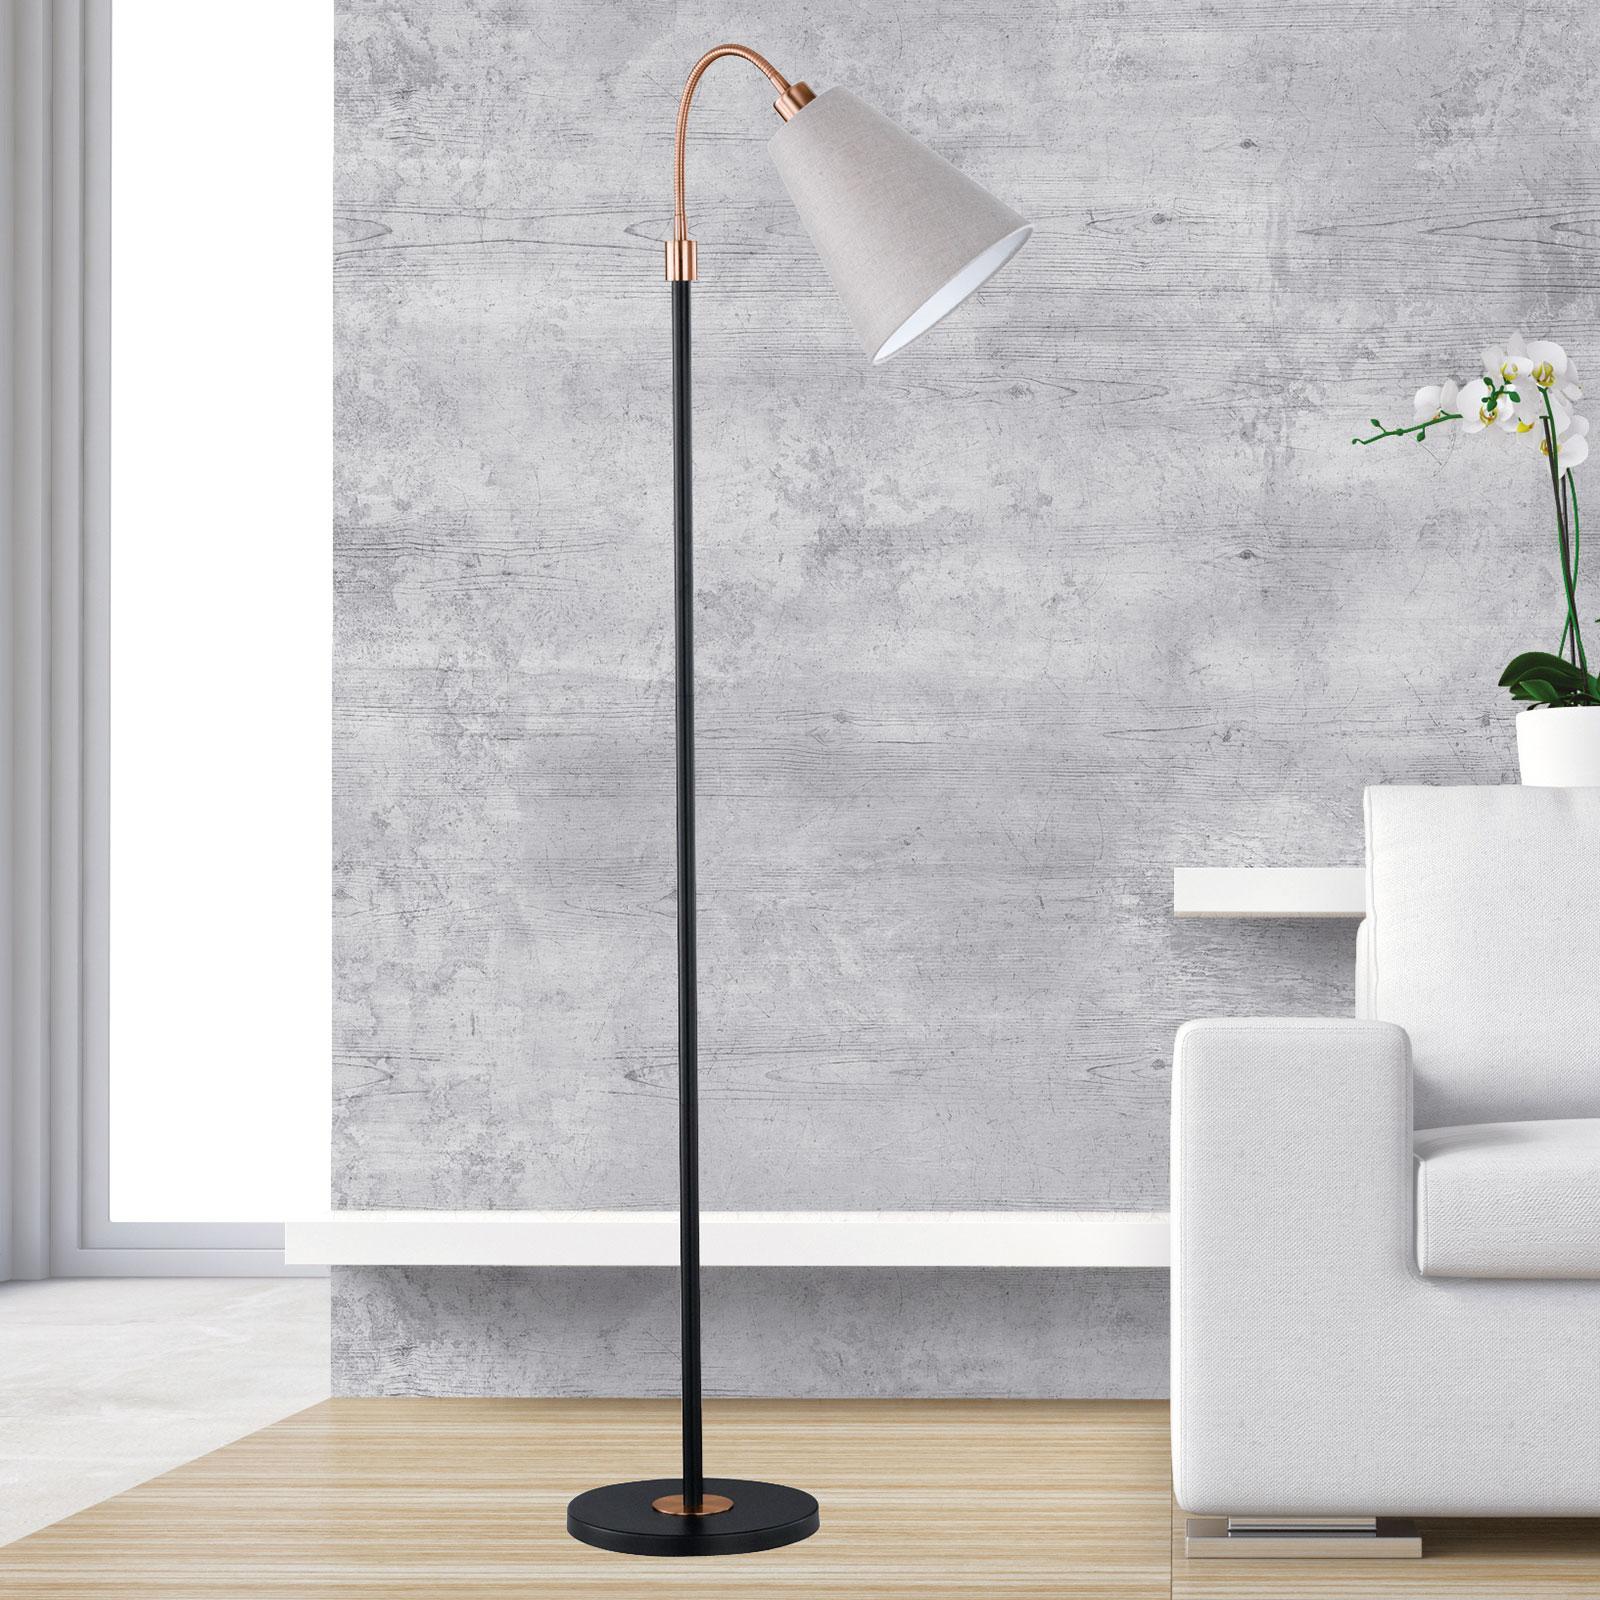 1-pkt. lampa stojąca Hopper z regulacją wysokości